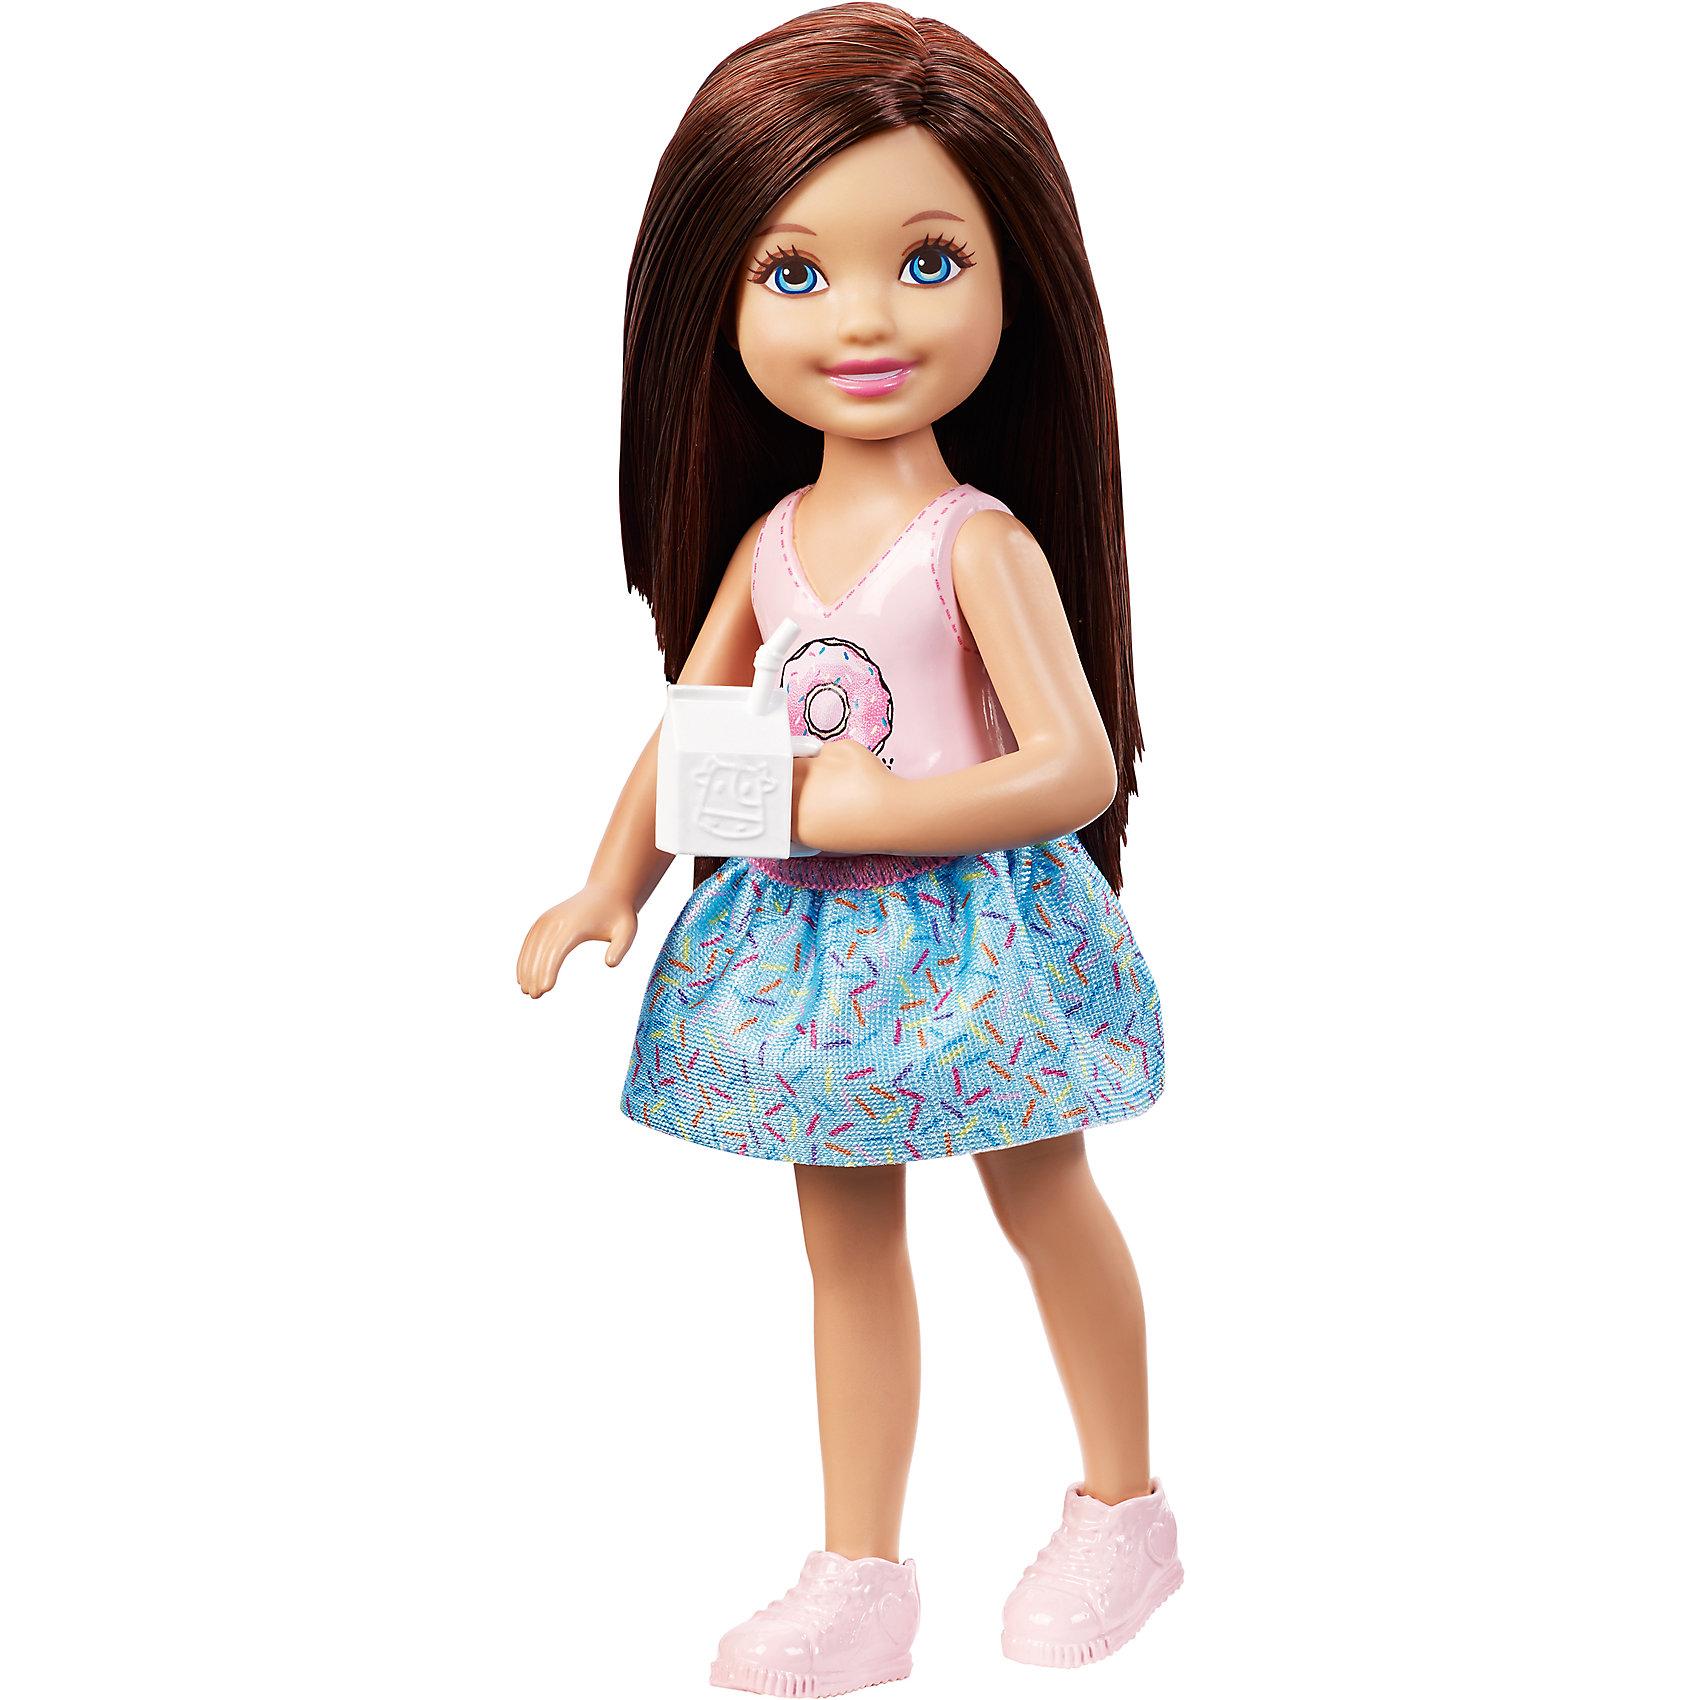 Кукла Челси, BarbieКуклы Челси – мечта любой девочки! Красивая кукла с интересным нарядом станет прекрасным подарком для малышки. У каждой модели есть свой стиль, образ и красивая одежда. Примечательно, что в комплекте идет несколько нарядов, а так же необычные аксессуары. Кукла из серии Челси имеет свое хобби или занятие. Комплект подобран под один вид действия. Собрав у себя дома всех кукол, можно создавать увлекательные истории и играть одновременно со всеми! Материалы, использованные при изготовлении, отвечают всем требованиям по качеству и безопасности.<br><br>Дополнительная информация: <br><br>цвет: в ассортименте;<br>материал: пластик, текстиль.<br><br>Куклы Челси, Barbie от компании Mattel можно приобрести в нашем магазине.<br><br>Ширина мм: 40<br>Глубина мм: 90<br>Высота мм: 160<br>Вес г: 79<br>Возраст от месяцев: 36<br>Возраст до месяцев: 120<br>Пол: Женский<br>Возраст: Детский<br>SKU: 5004444